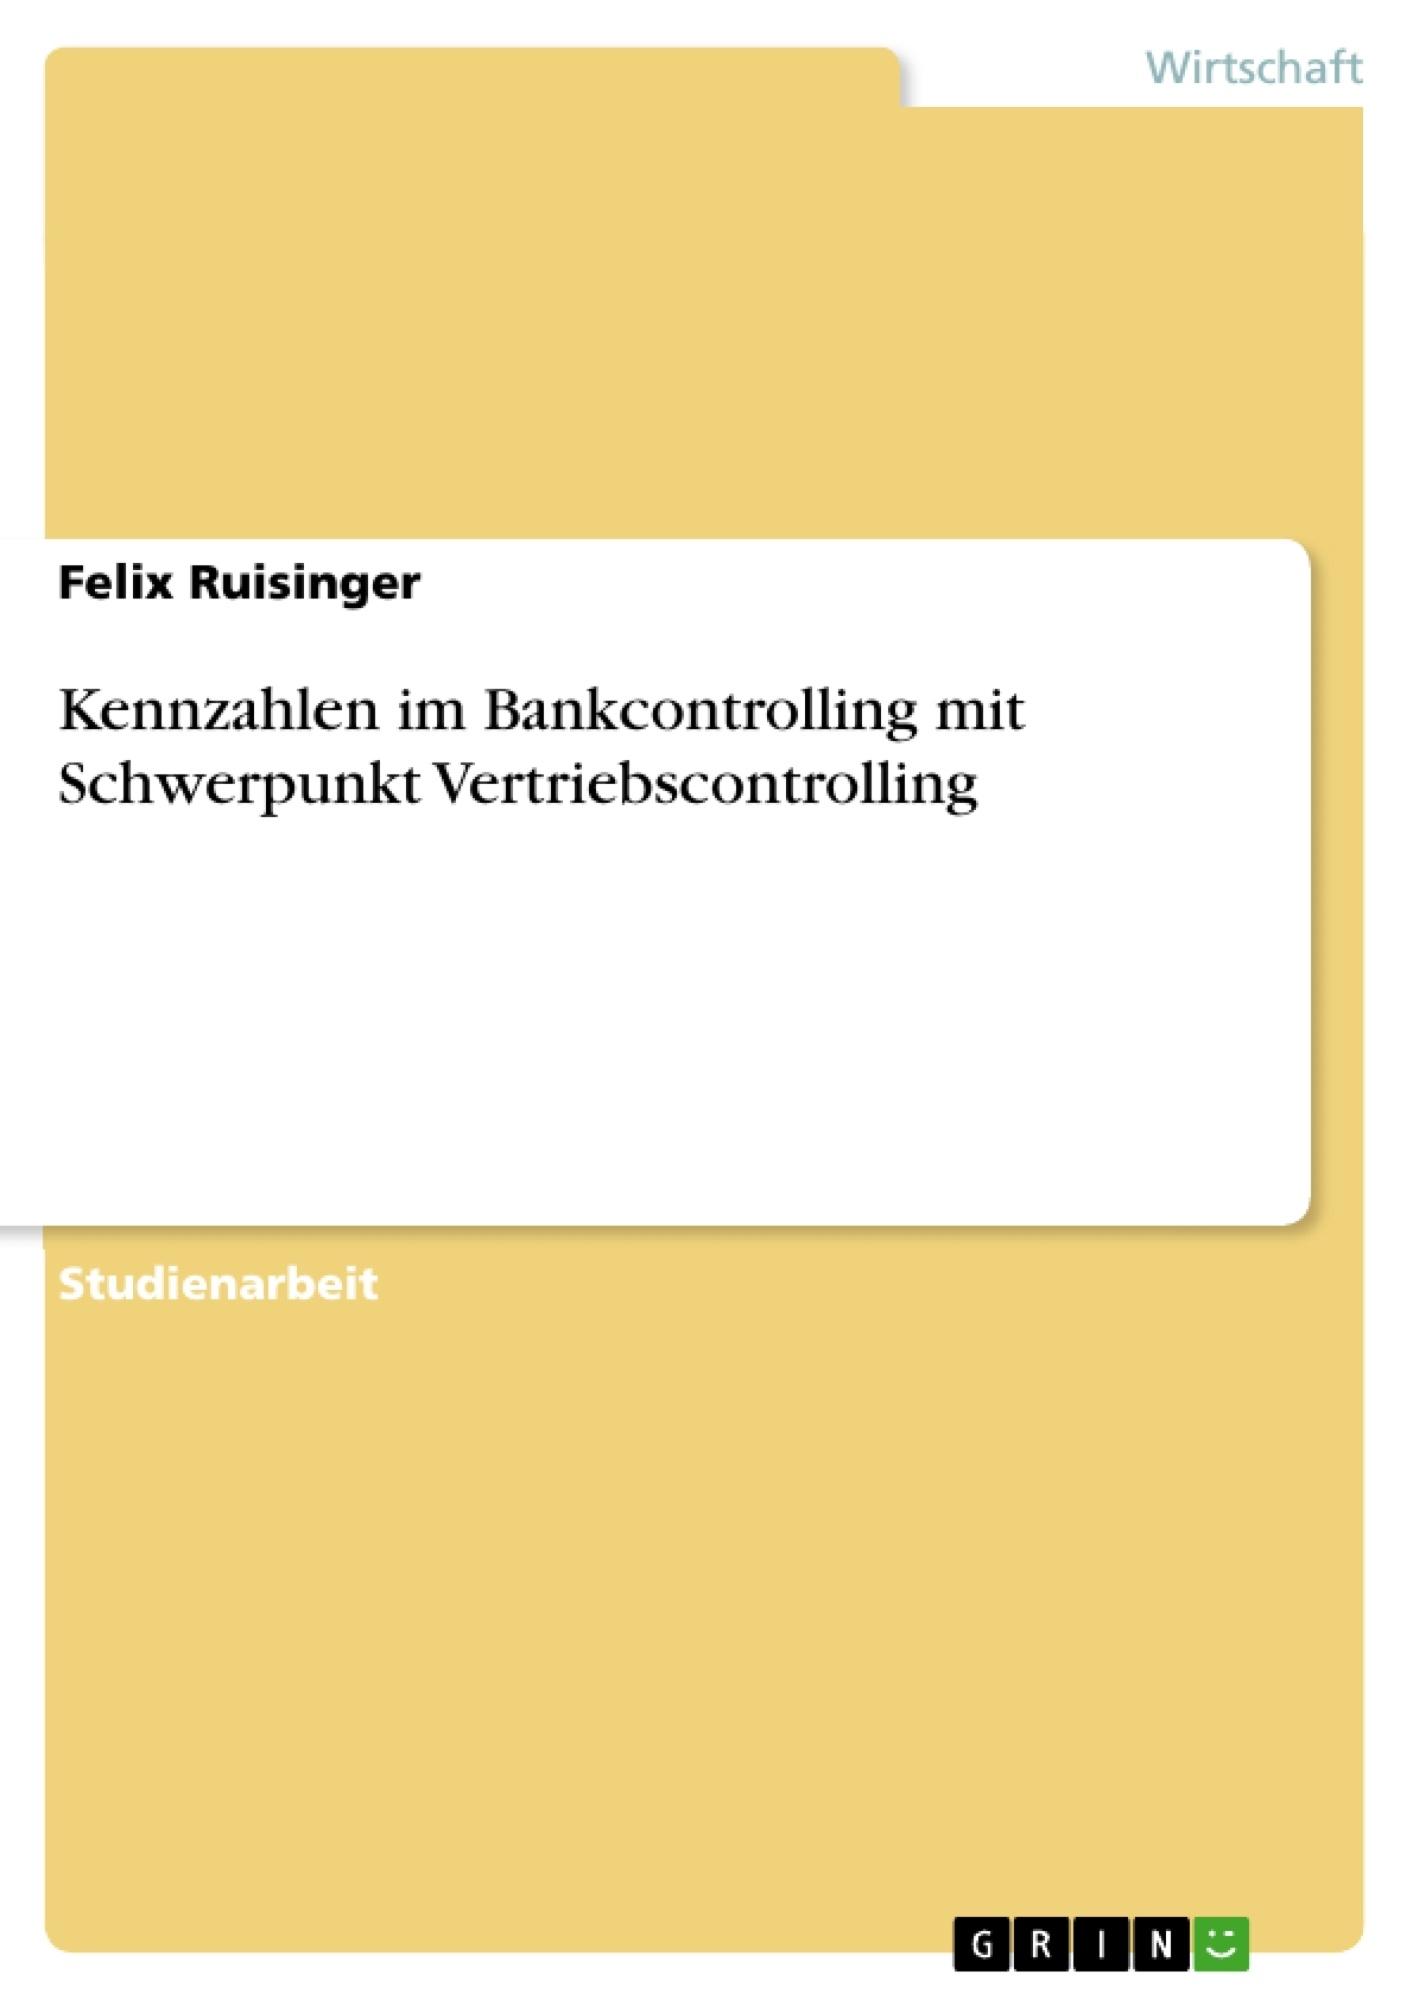 Titel: Kennzahlen im Bankcontrolling mit Schwerpunkt Vertriebscontrolling